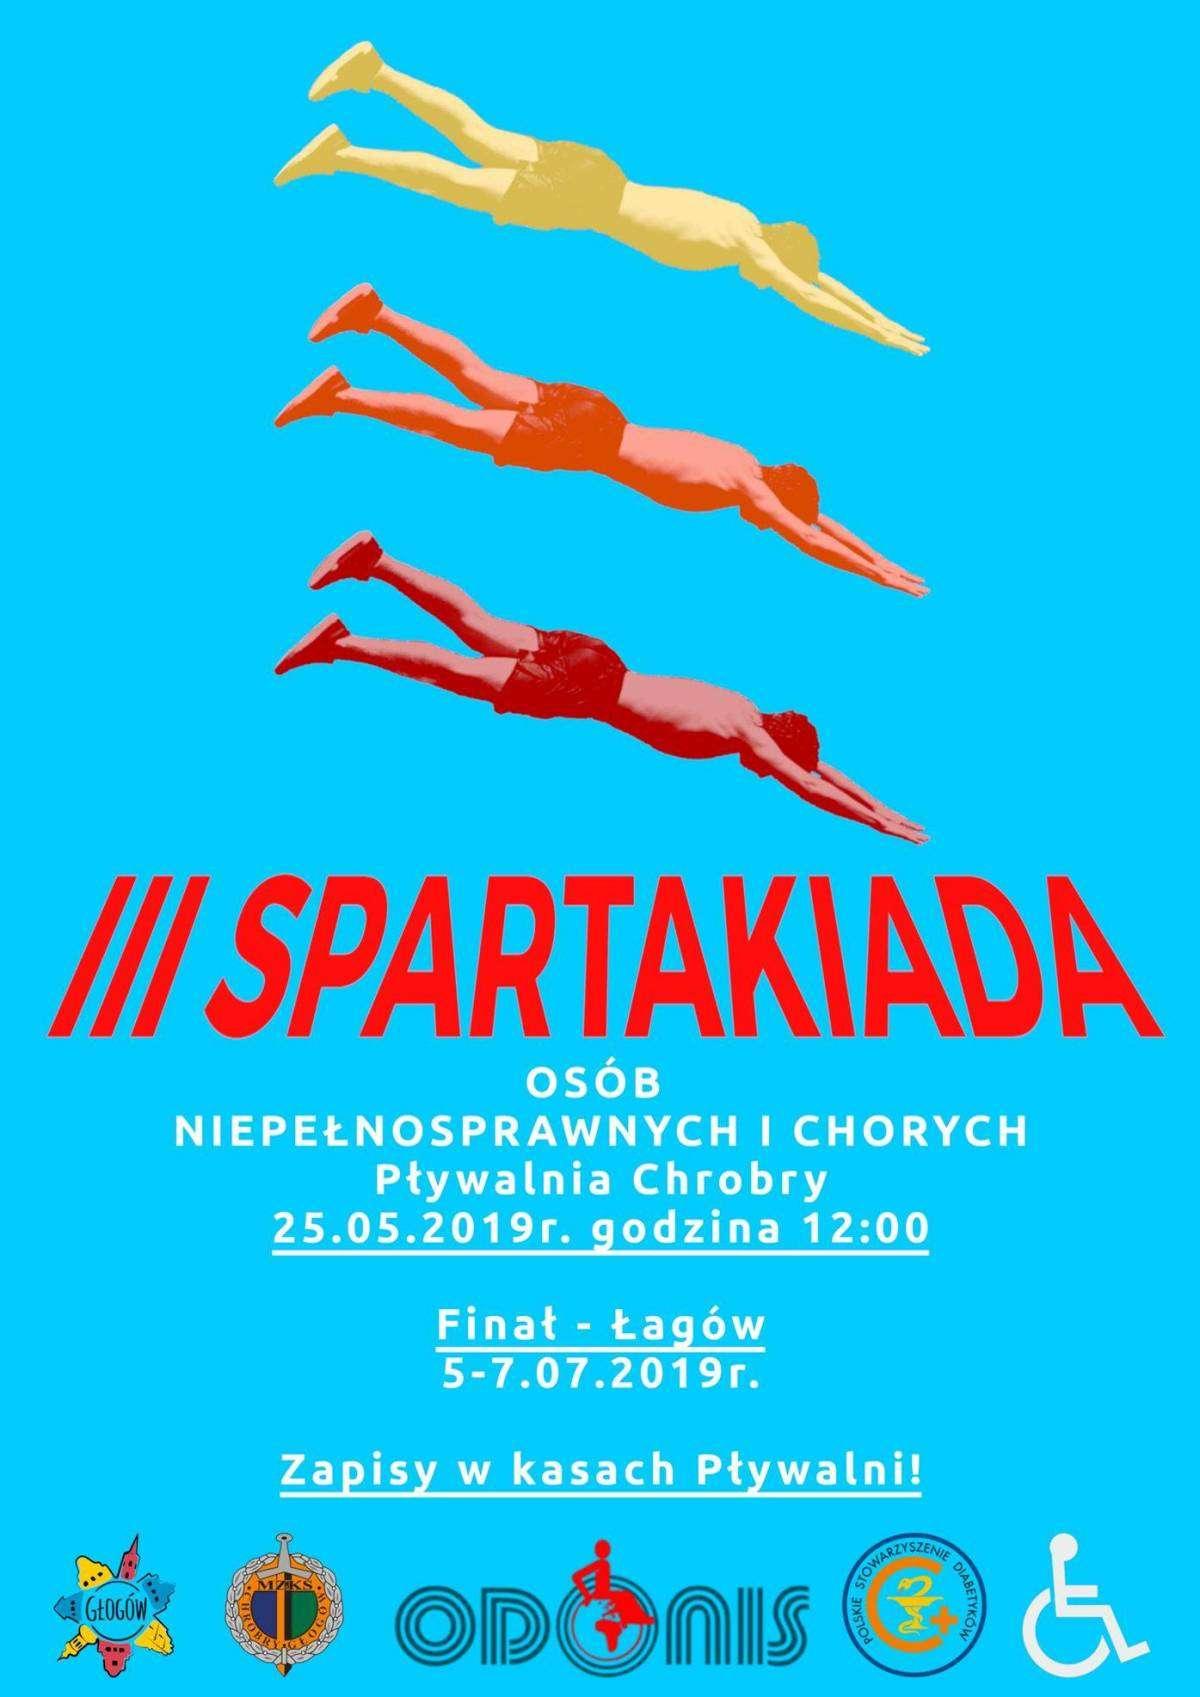 Plakat zapraszający na III Spartakiadę Osób Niepełnosprawnych i Chorych